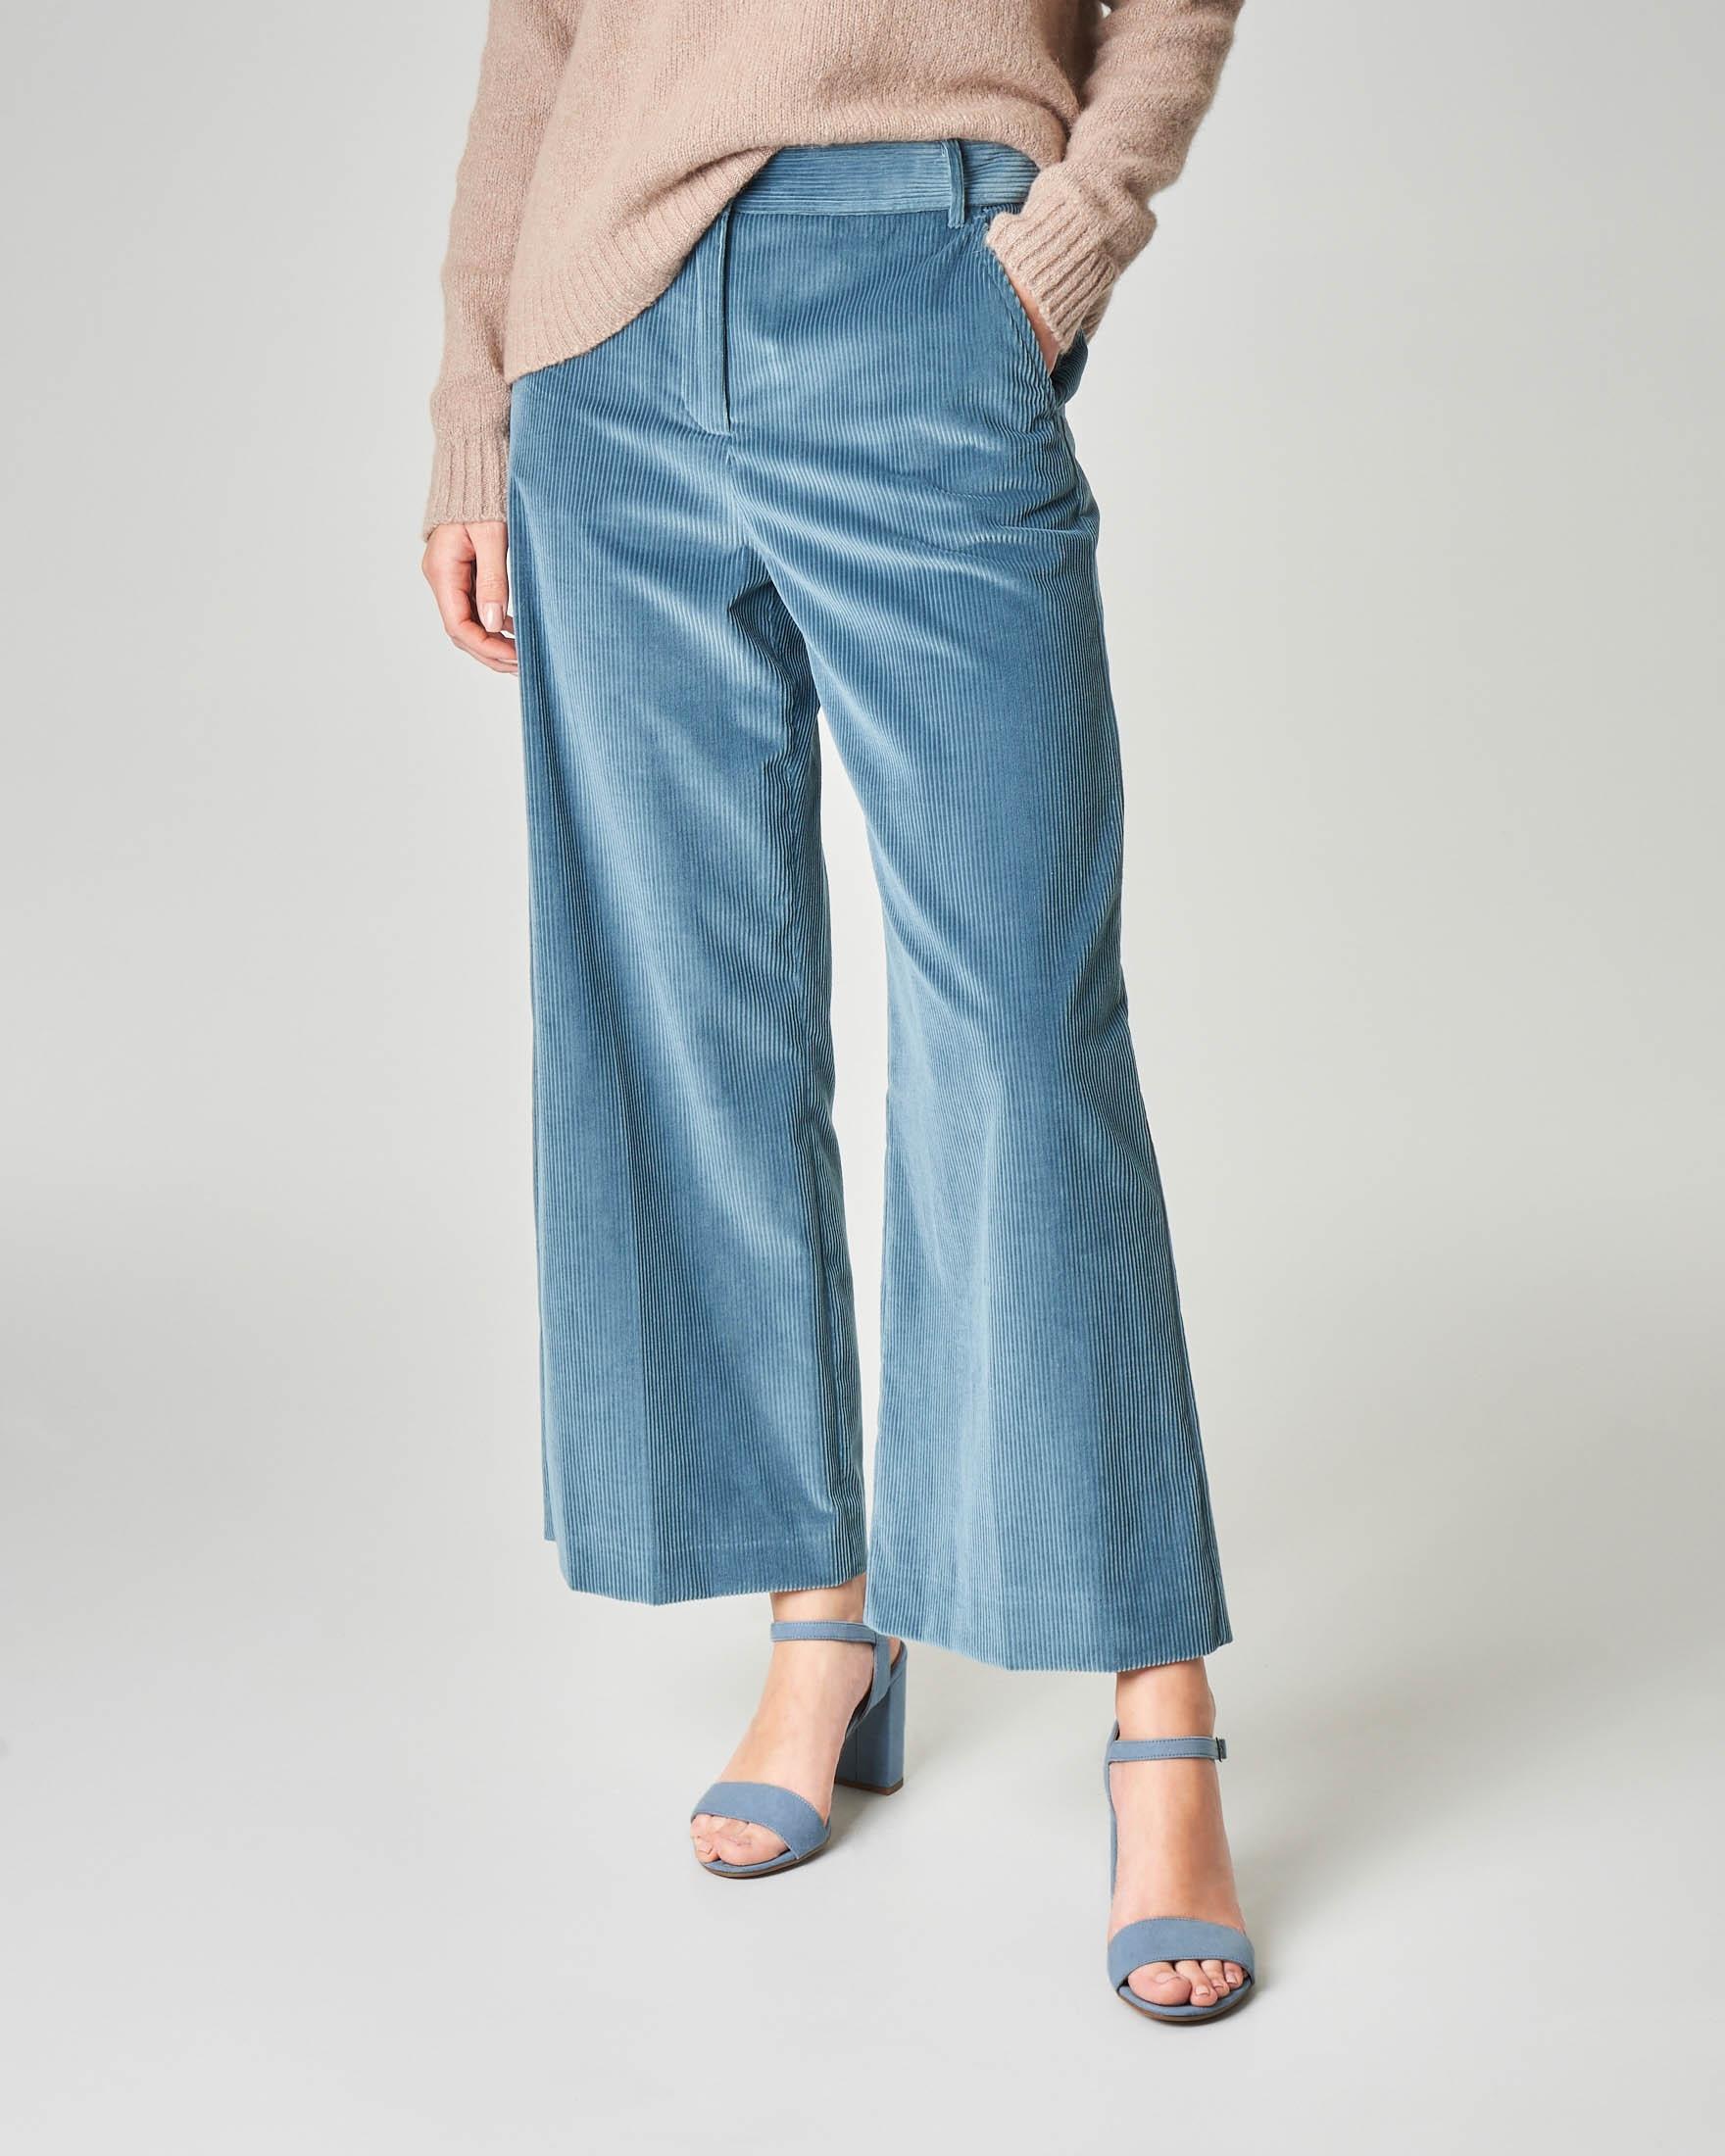 Pantalone ampio cropped in velluto di cotone mille righe color avio